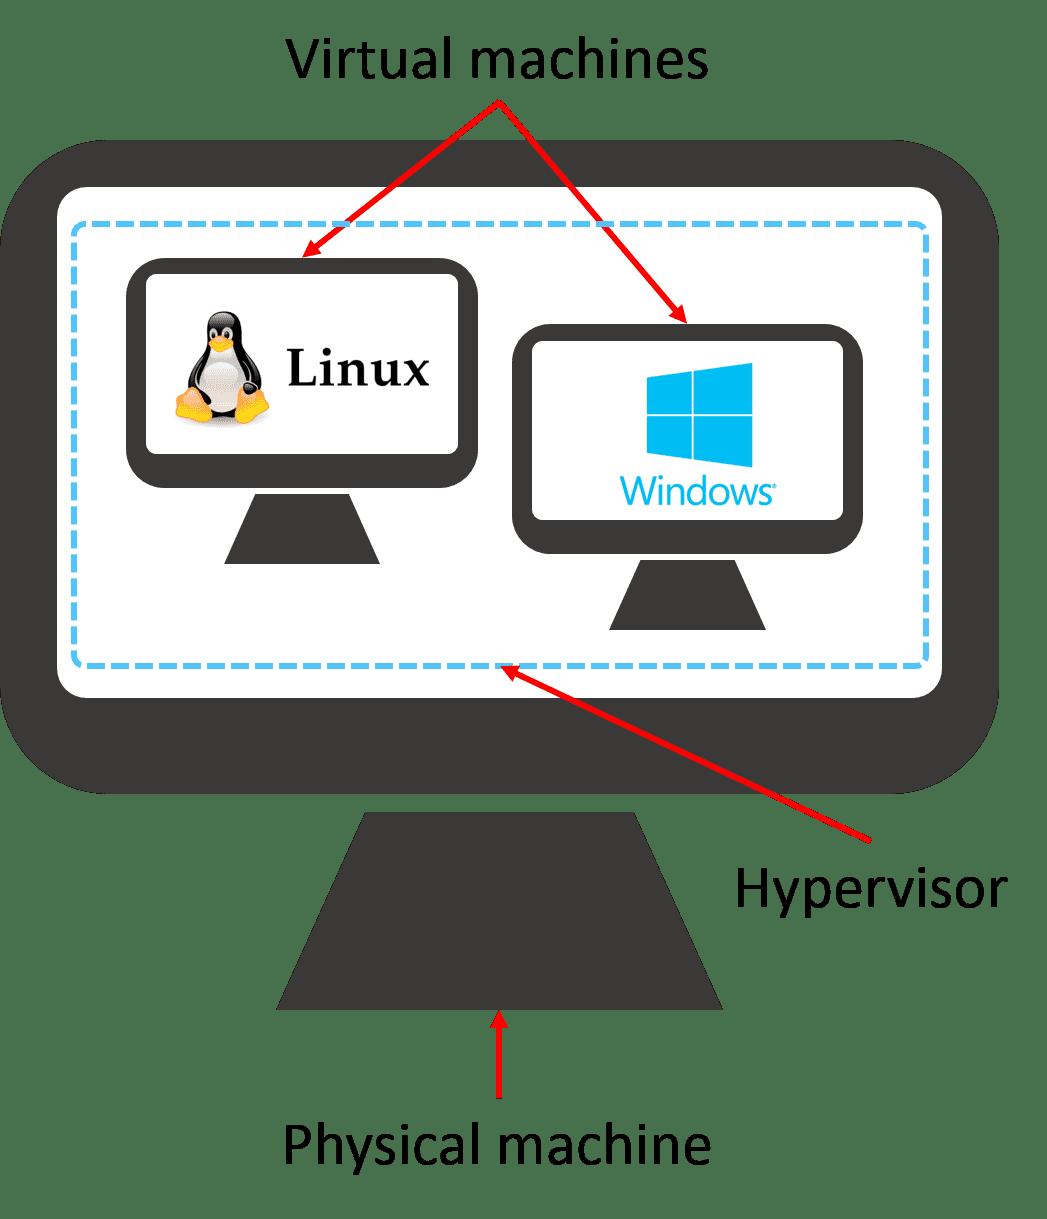 Microsoft vai usar Linux para criar um ecossistema completo de virtualização